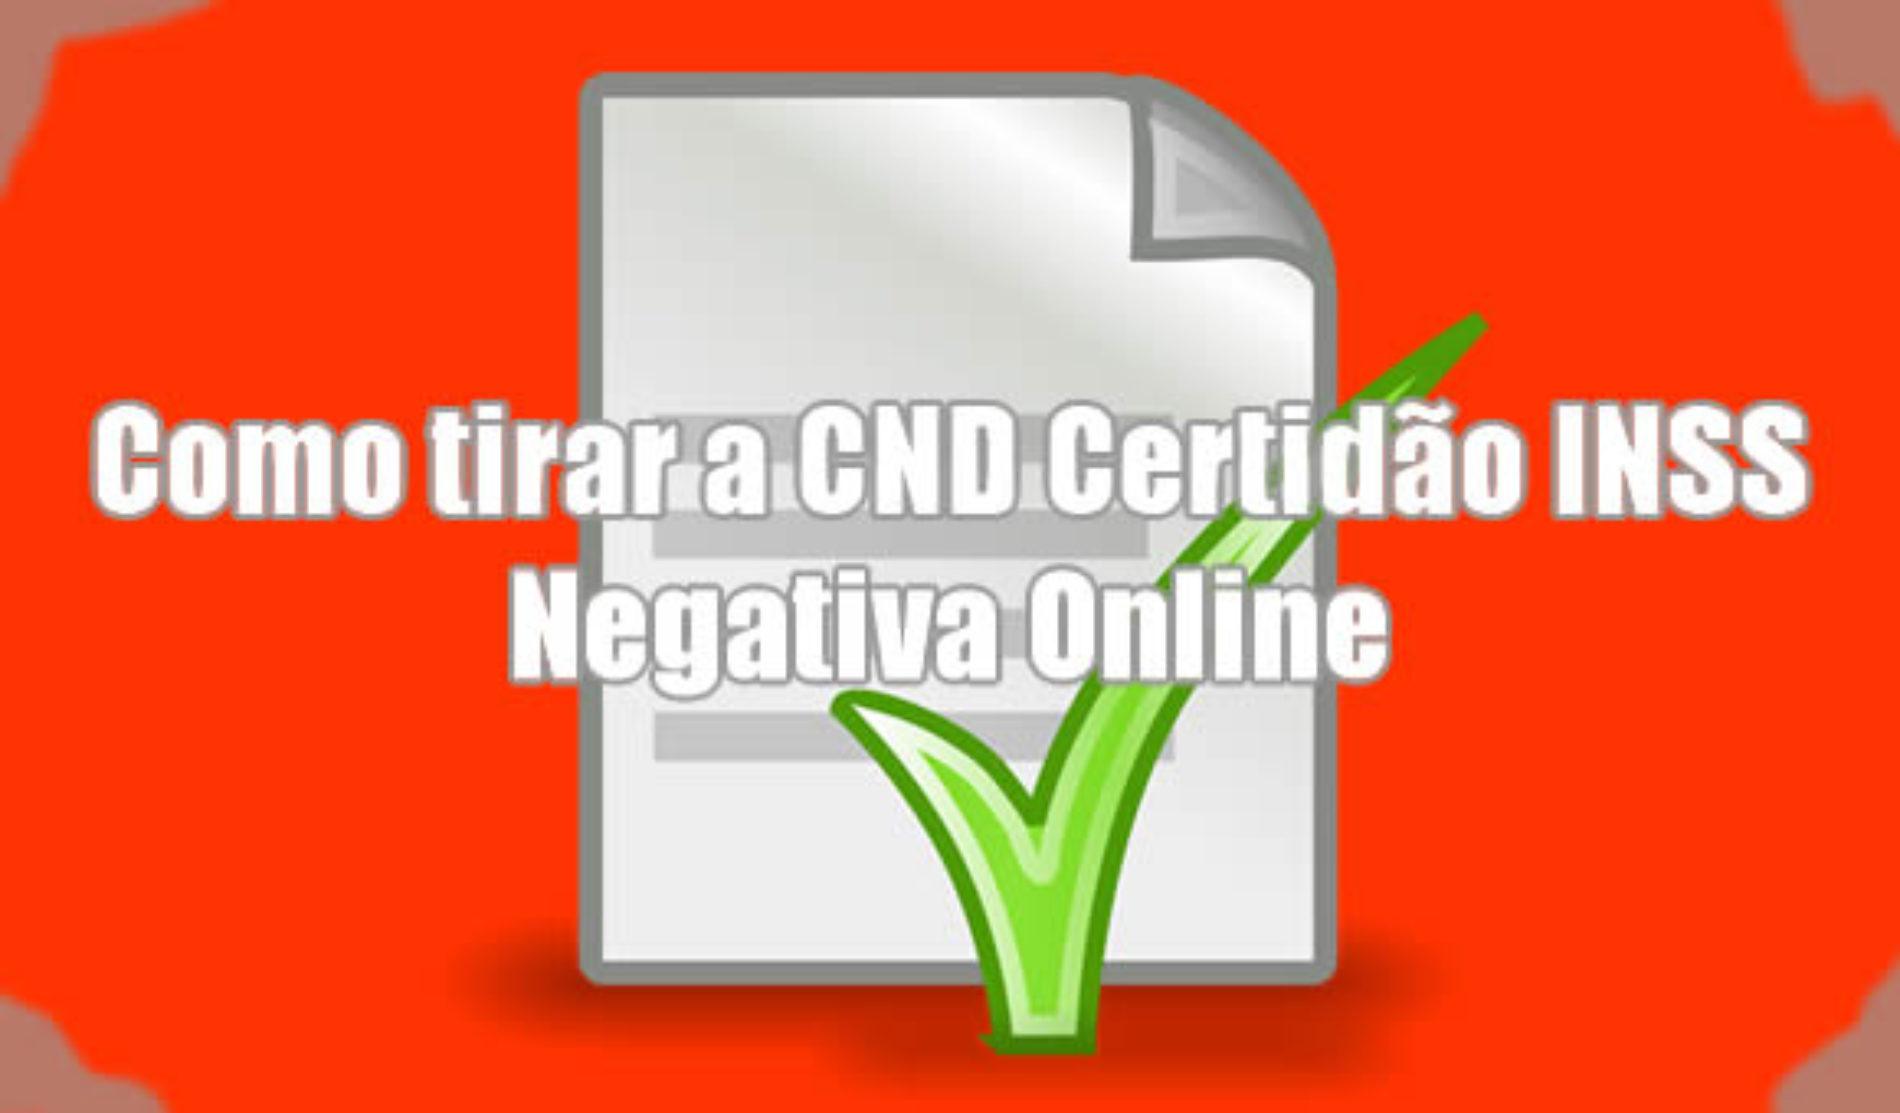 Como fazer para tirar a CND Certidão INSS Negativa Online